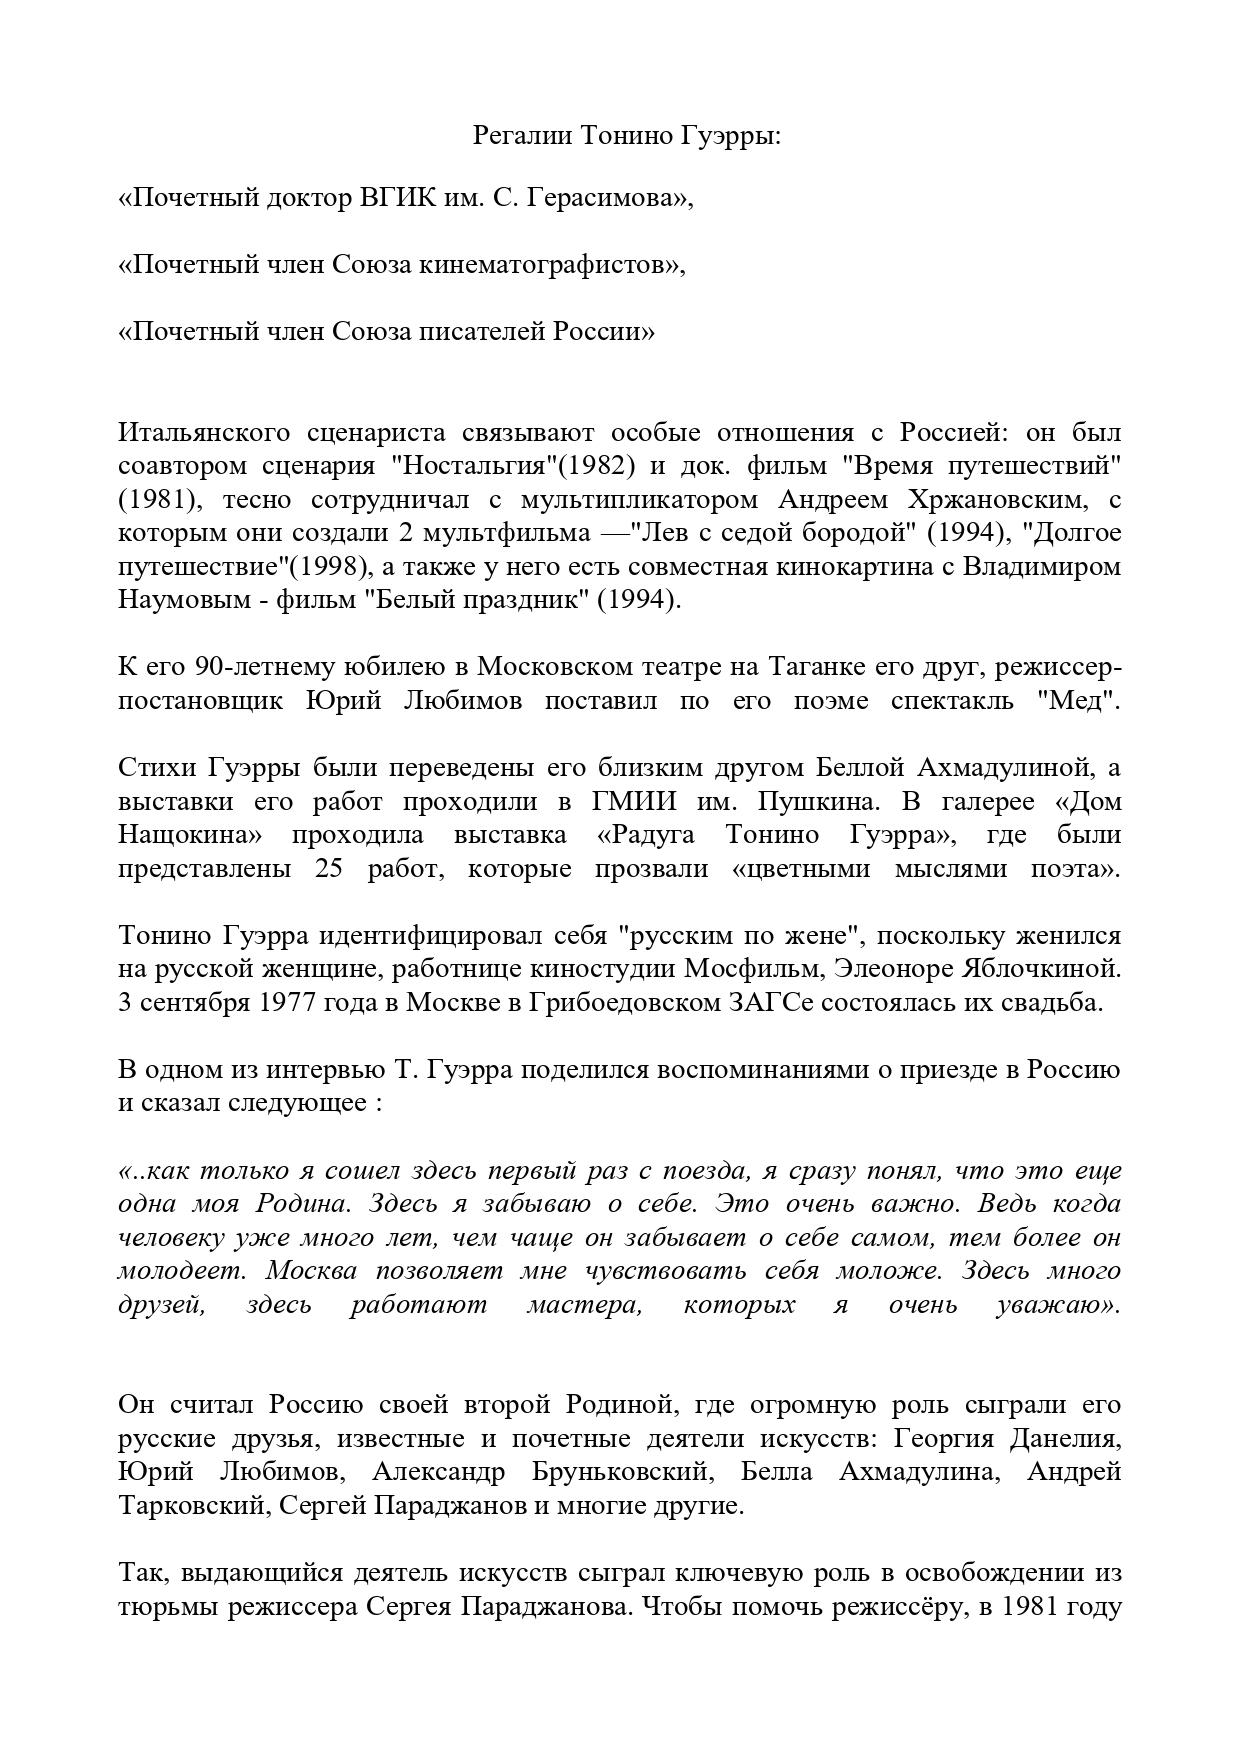 Обращение в Мосгорнаследие по установлению памятной таблички Т. Гуэрра_pages-to-jpg-0002